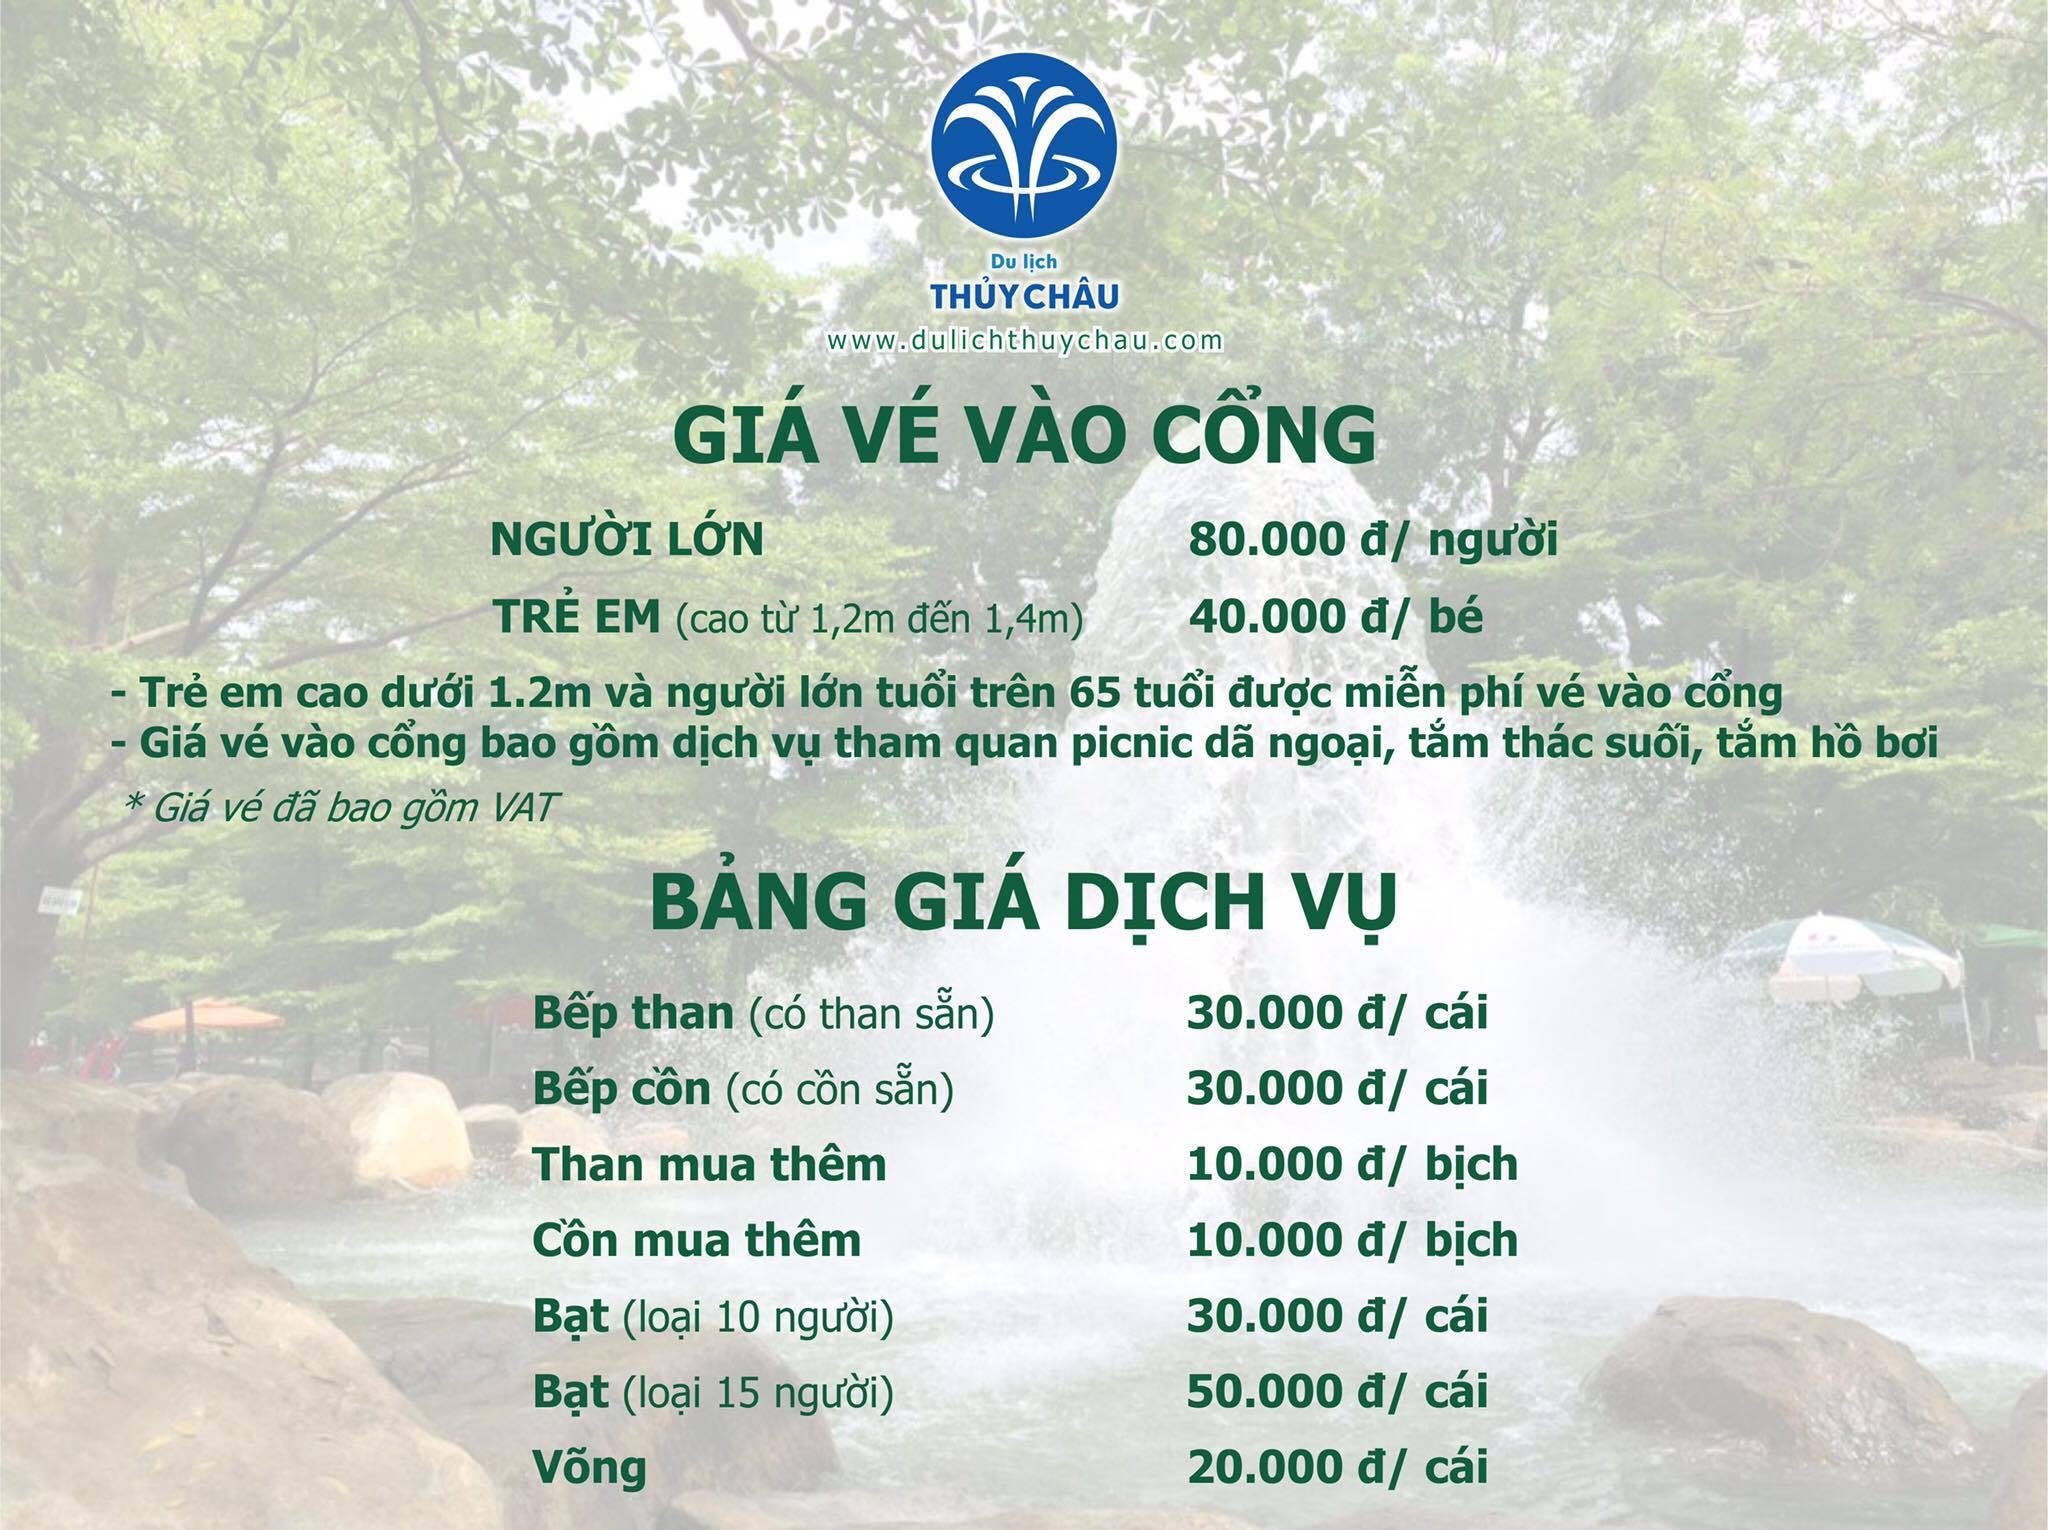 Giá dịch vụ tại Khu du lịch Thủy Châu